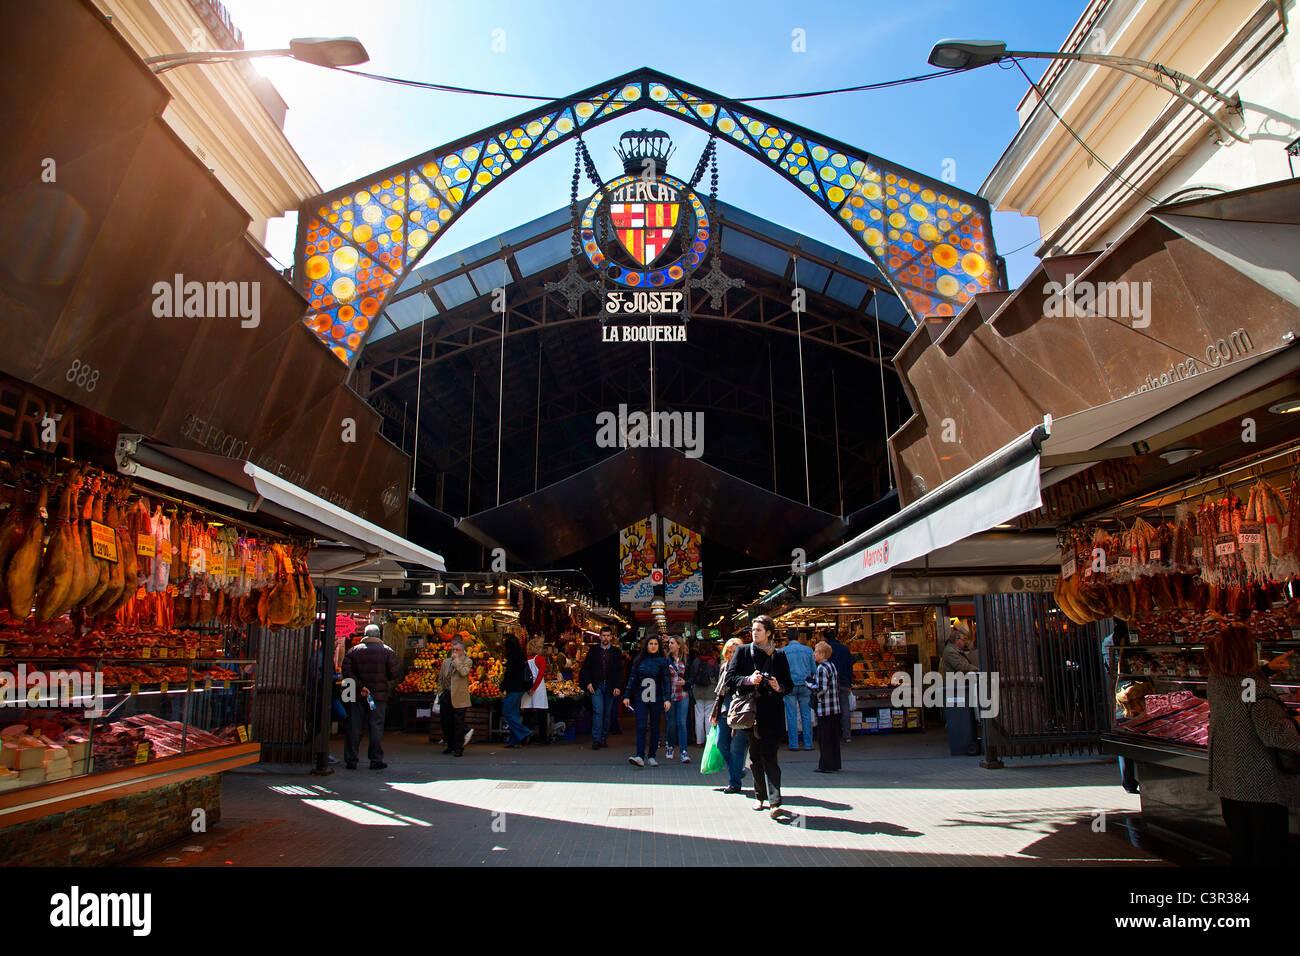 Barcelona, Las Ramblas, La Boqueria Market - Stock Image